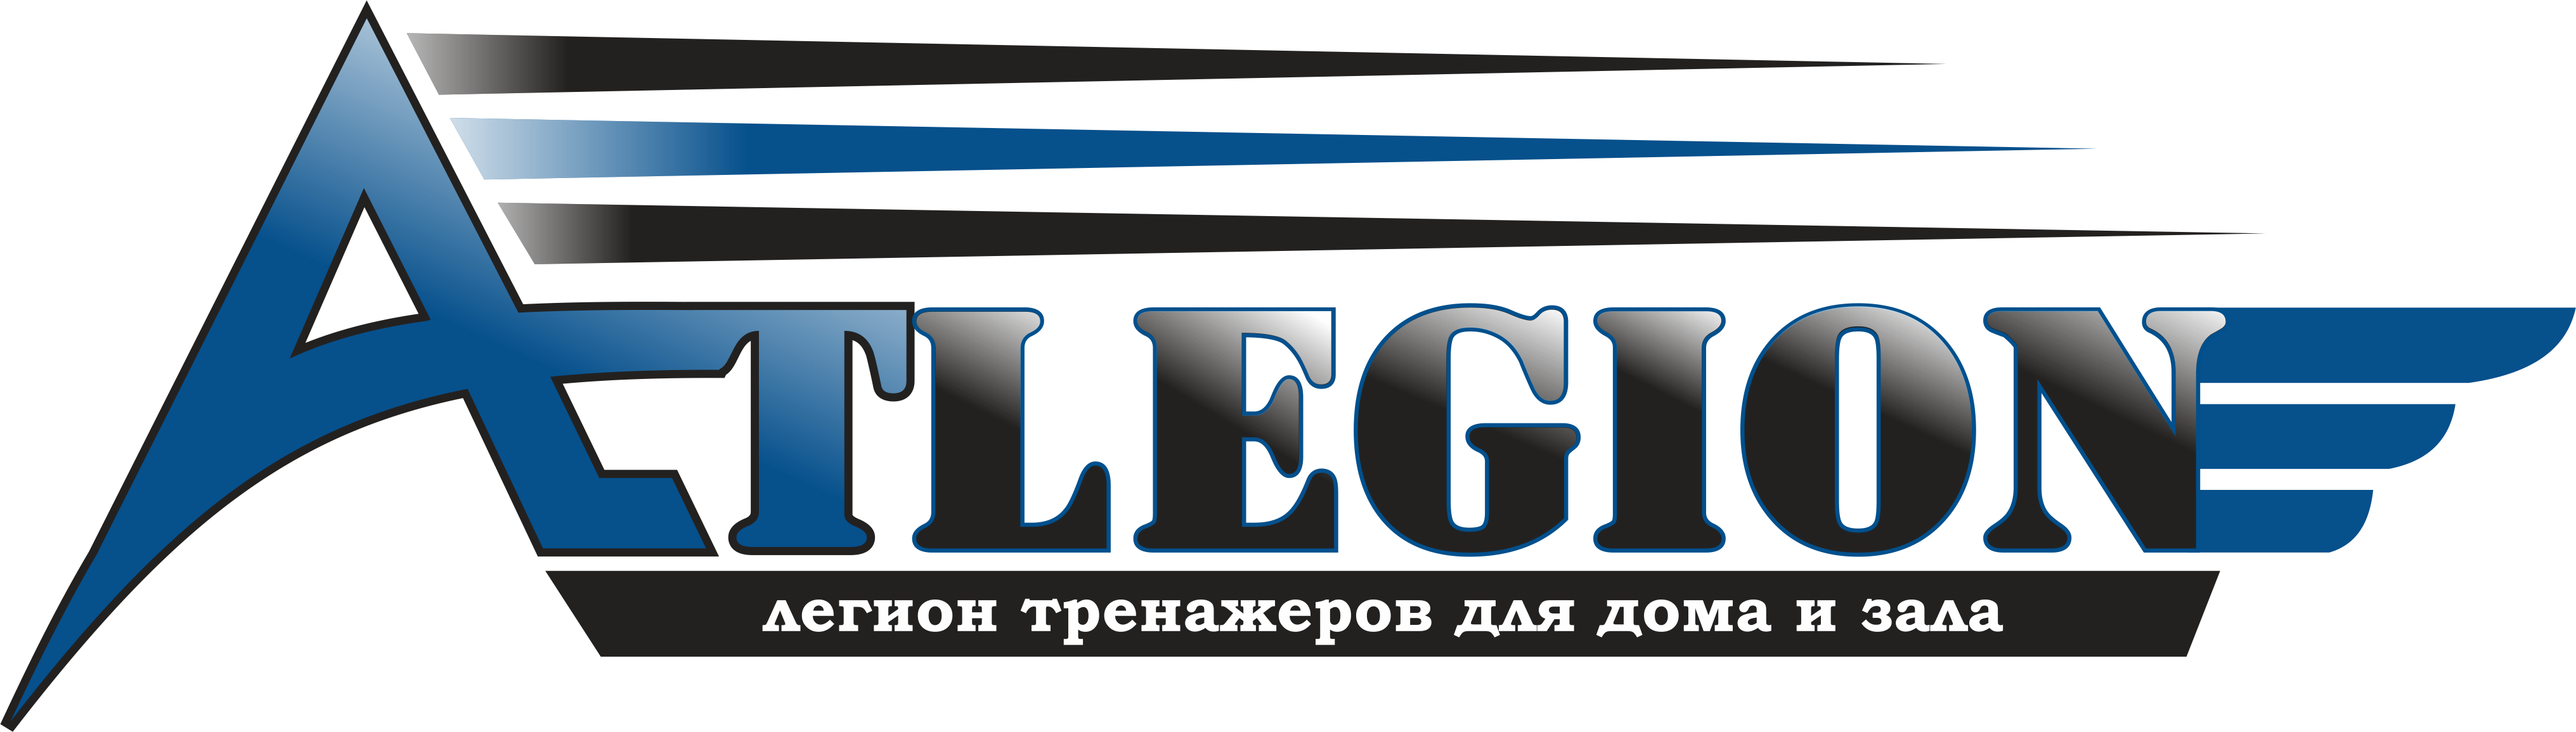 Магазин спортивных товаров Atlegion